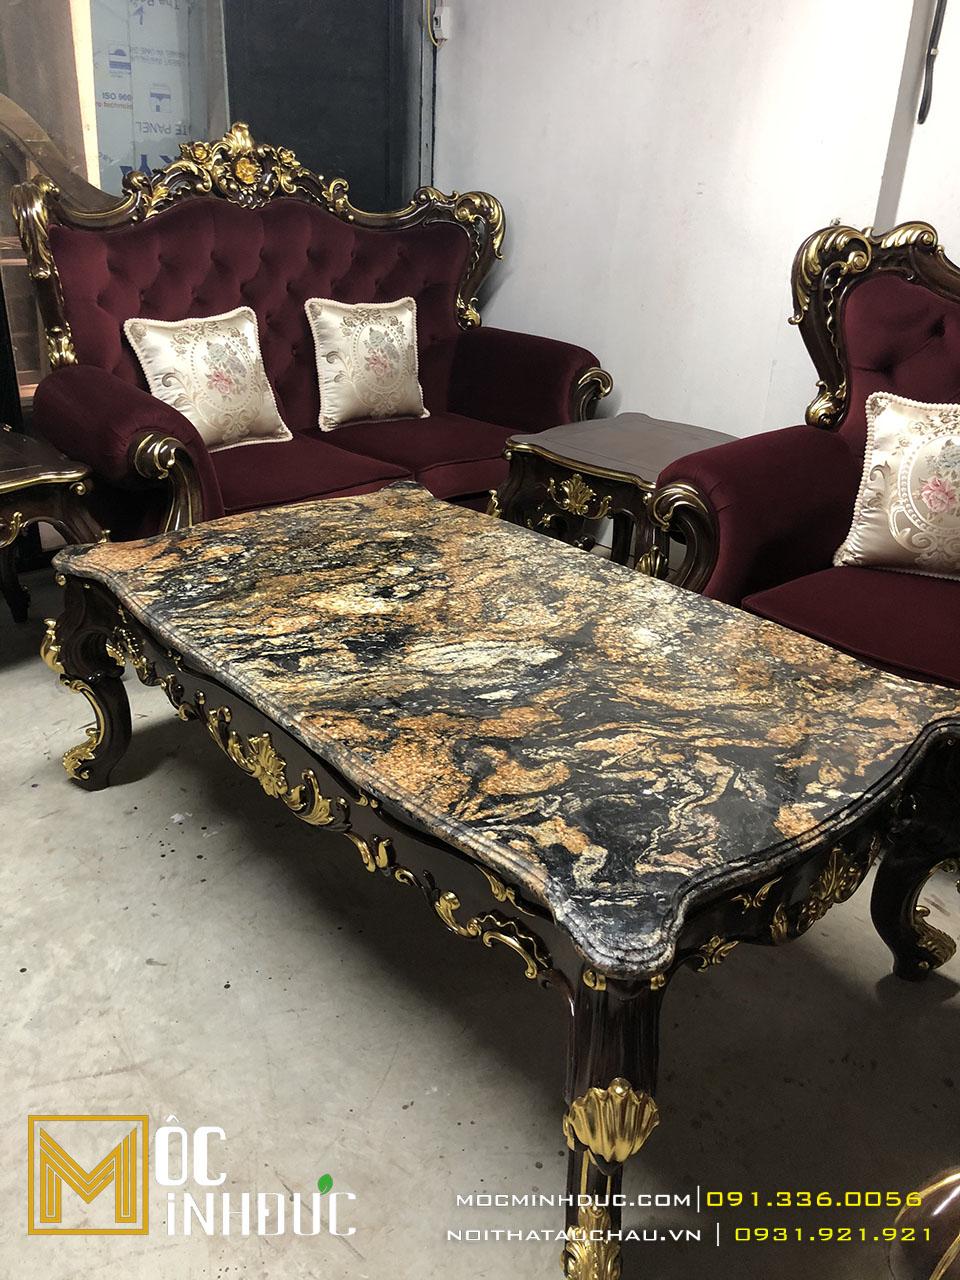 Gia công bộ bàn ghế sofa dát vàng đẹp